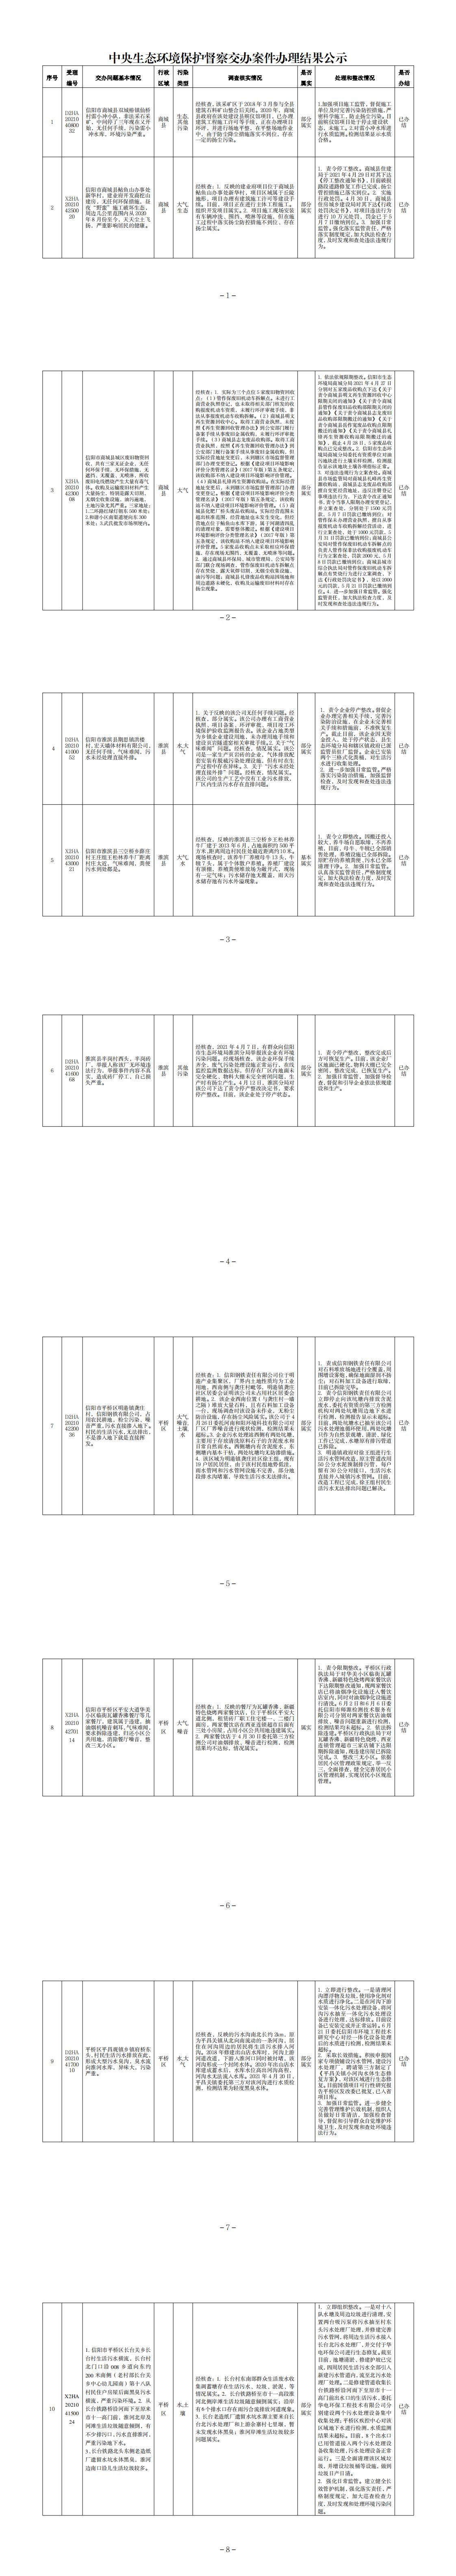 中央生态环境保护督察交办案件办理结果公示(6.25商城3淮滨3平桥区4件)_0.png